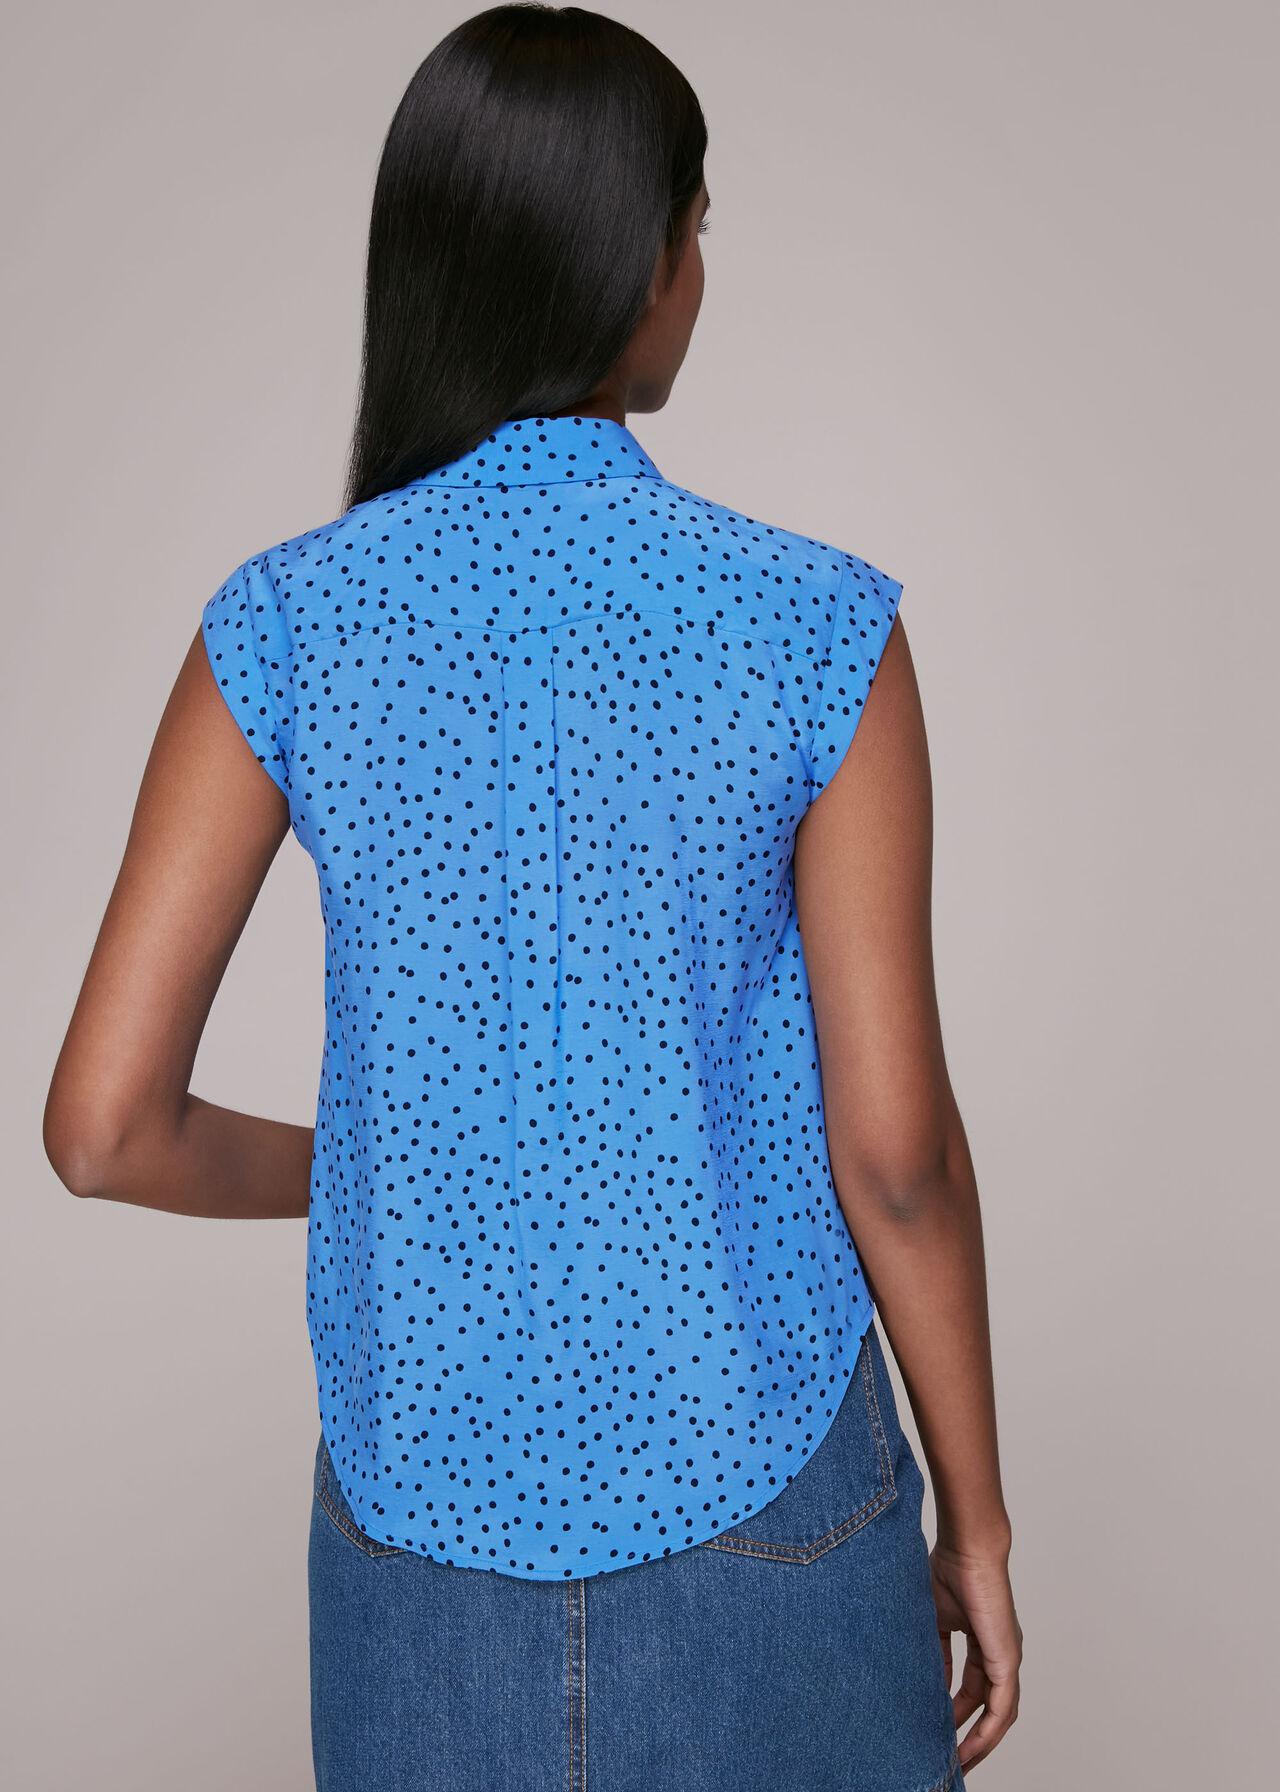 Irregular Spot Shirt